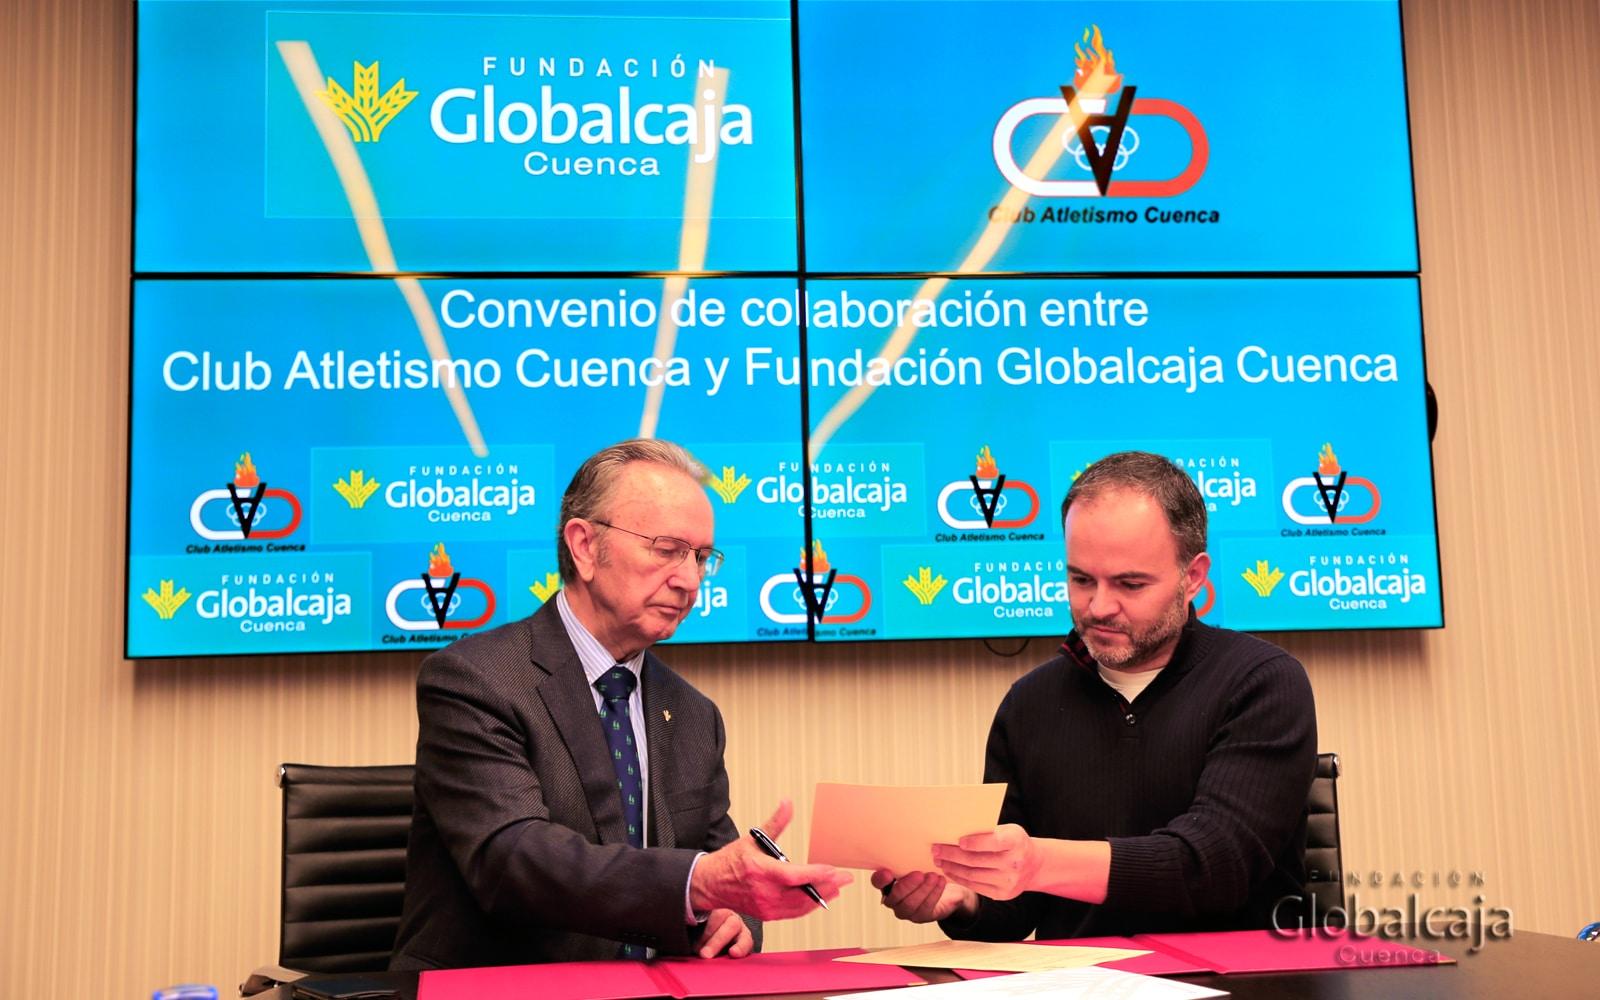 https://blog.globalcaja.es/wp-content/uploads/2019/02/presentacion-club-atletismo.jpeg